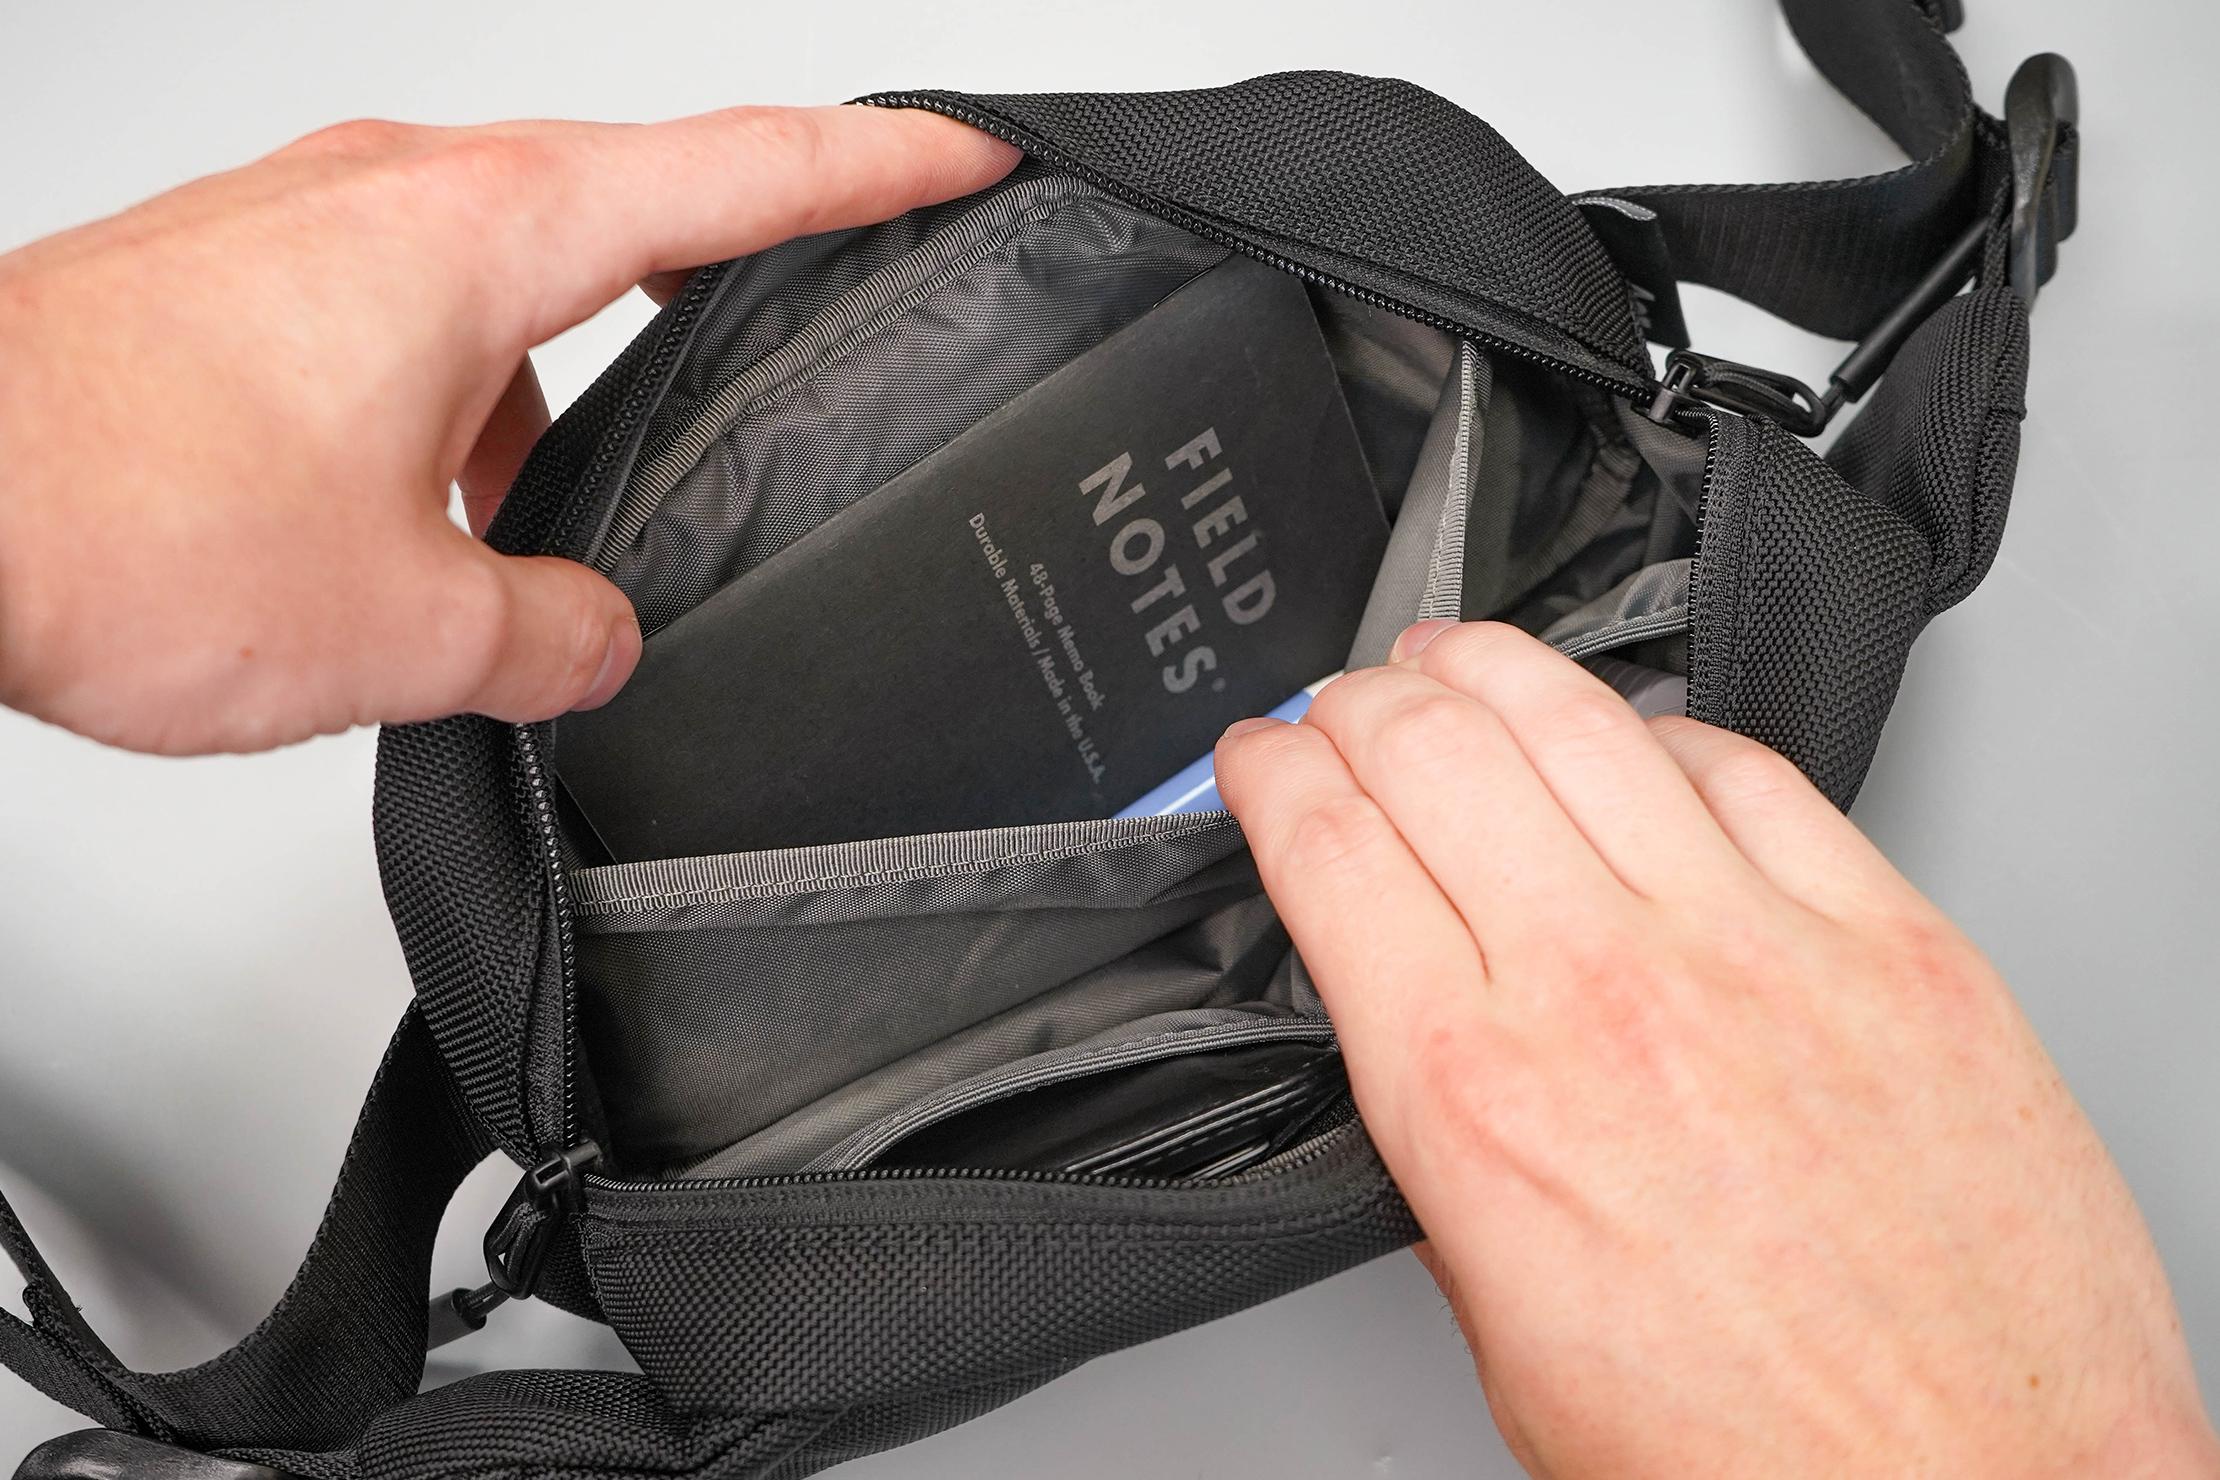 Aer City Sling Inside Liner Pocket In Use